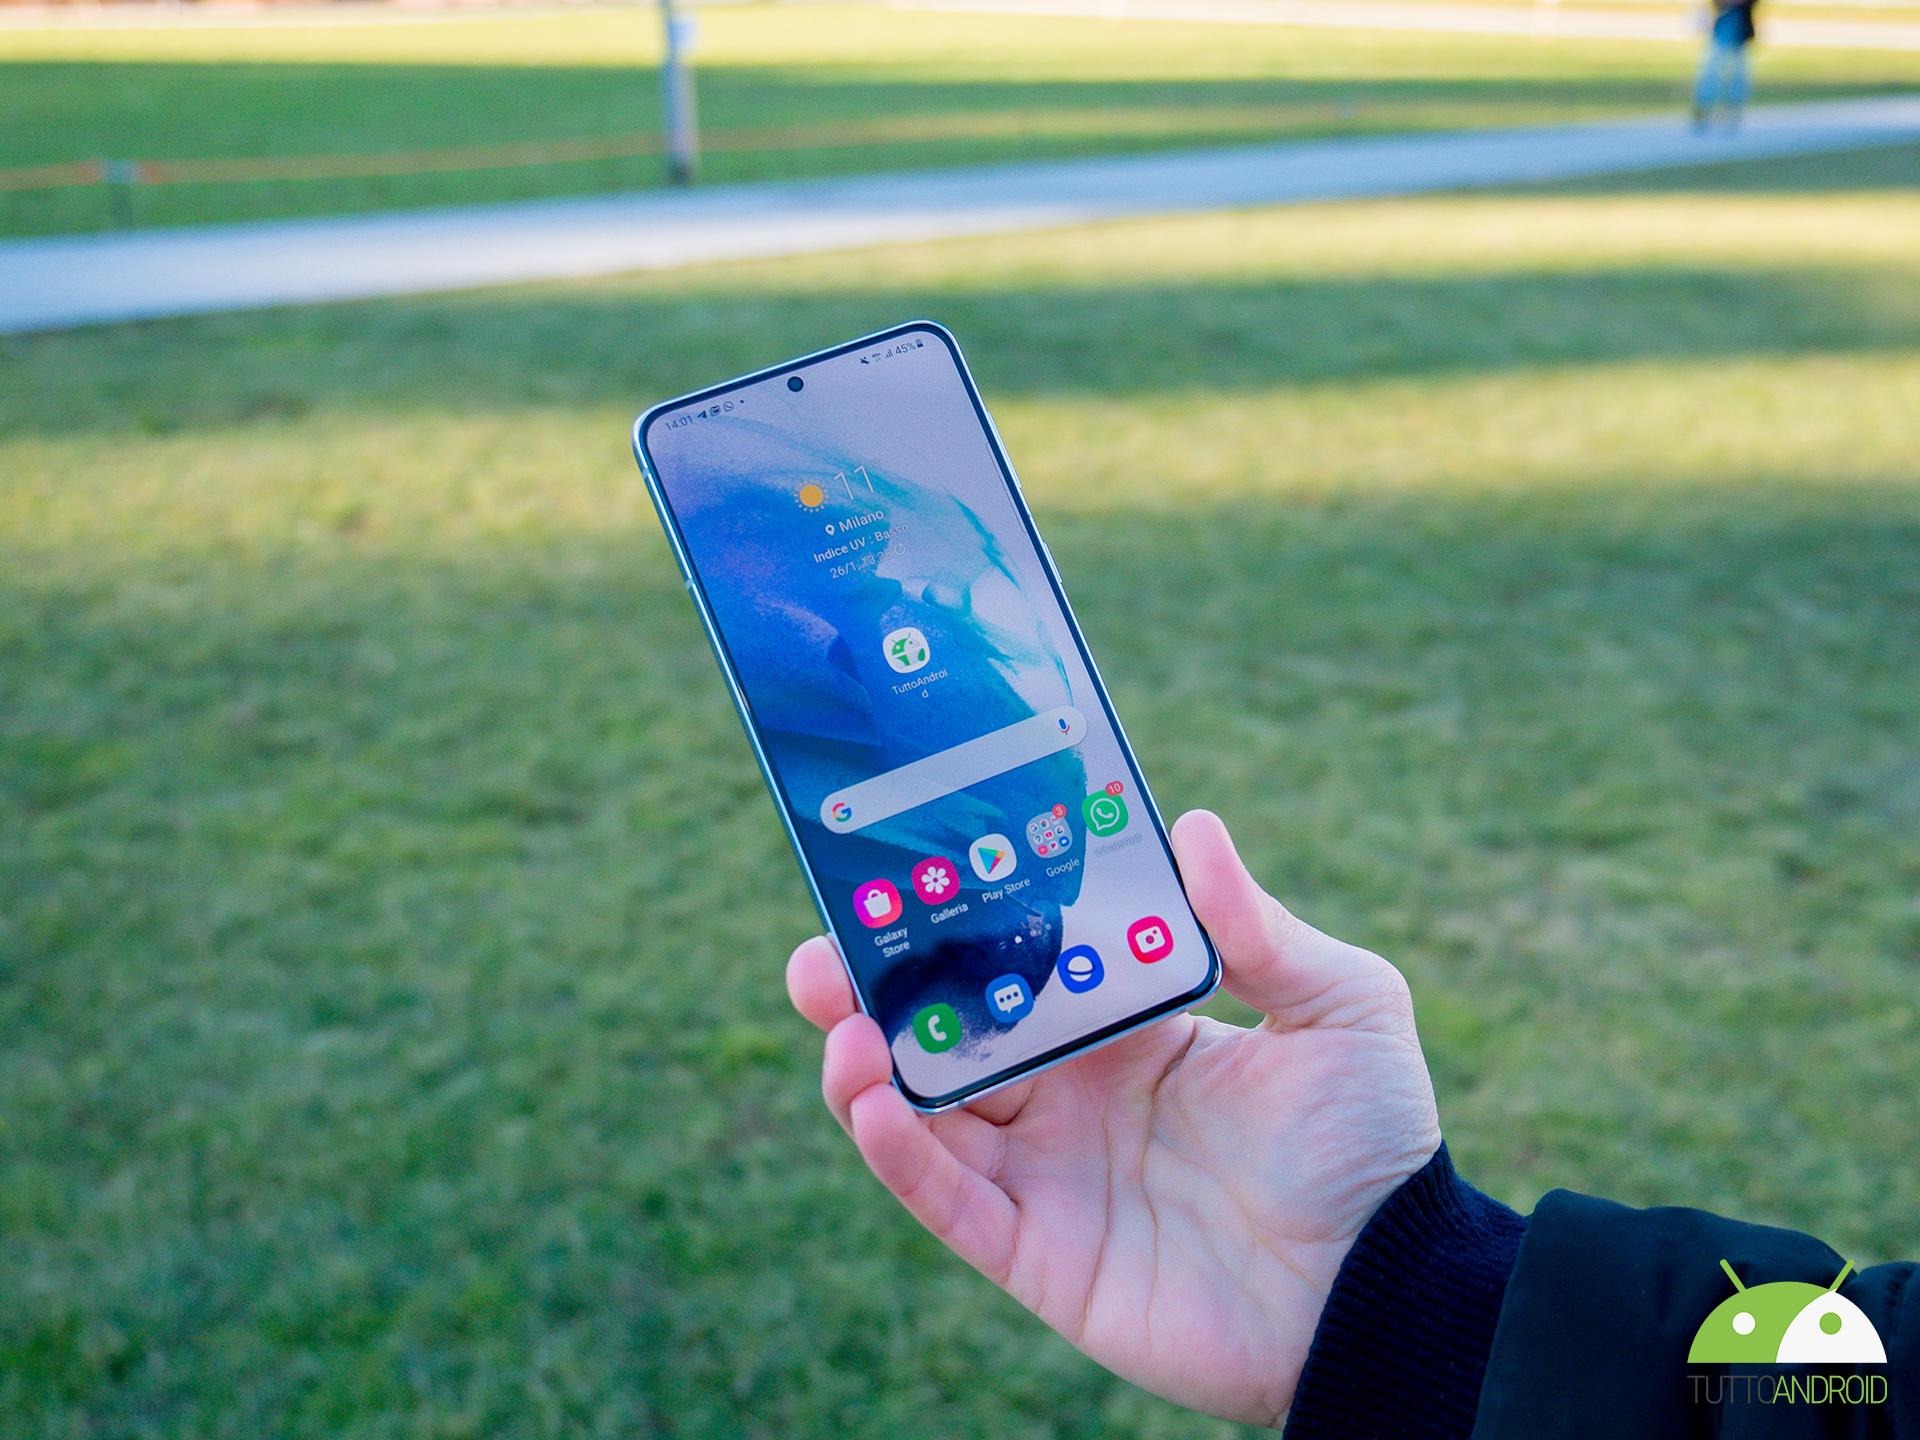 Il caricabatterie di Samsung Galaxy S21 ad appena 6 euro con questo codice sconto